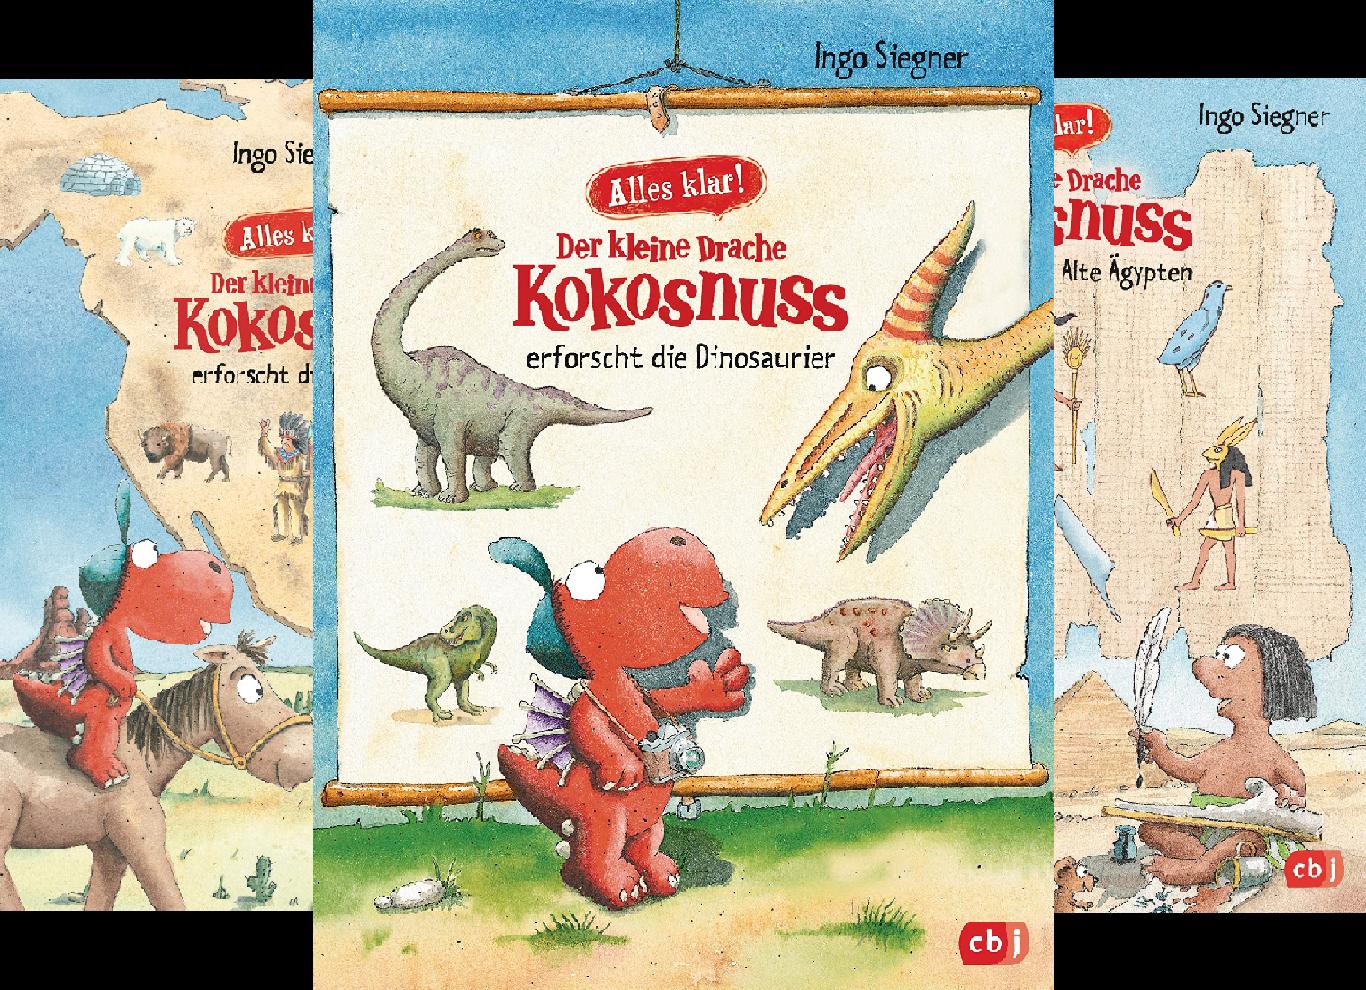 Der kleine Drache Kokosnuss erforscht. Die Dinosaurier (Reihe in 4 Bänden)